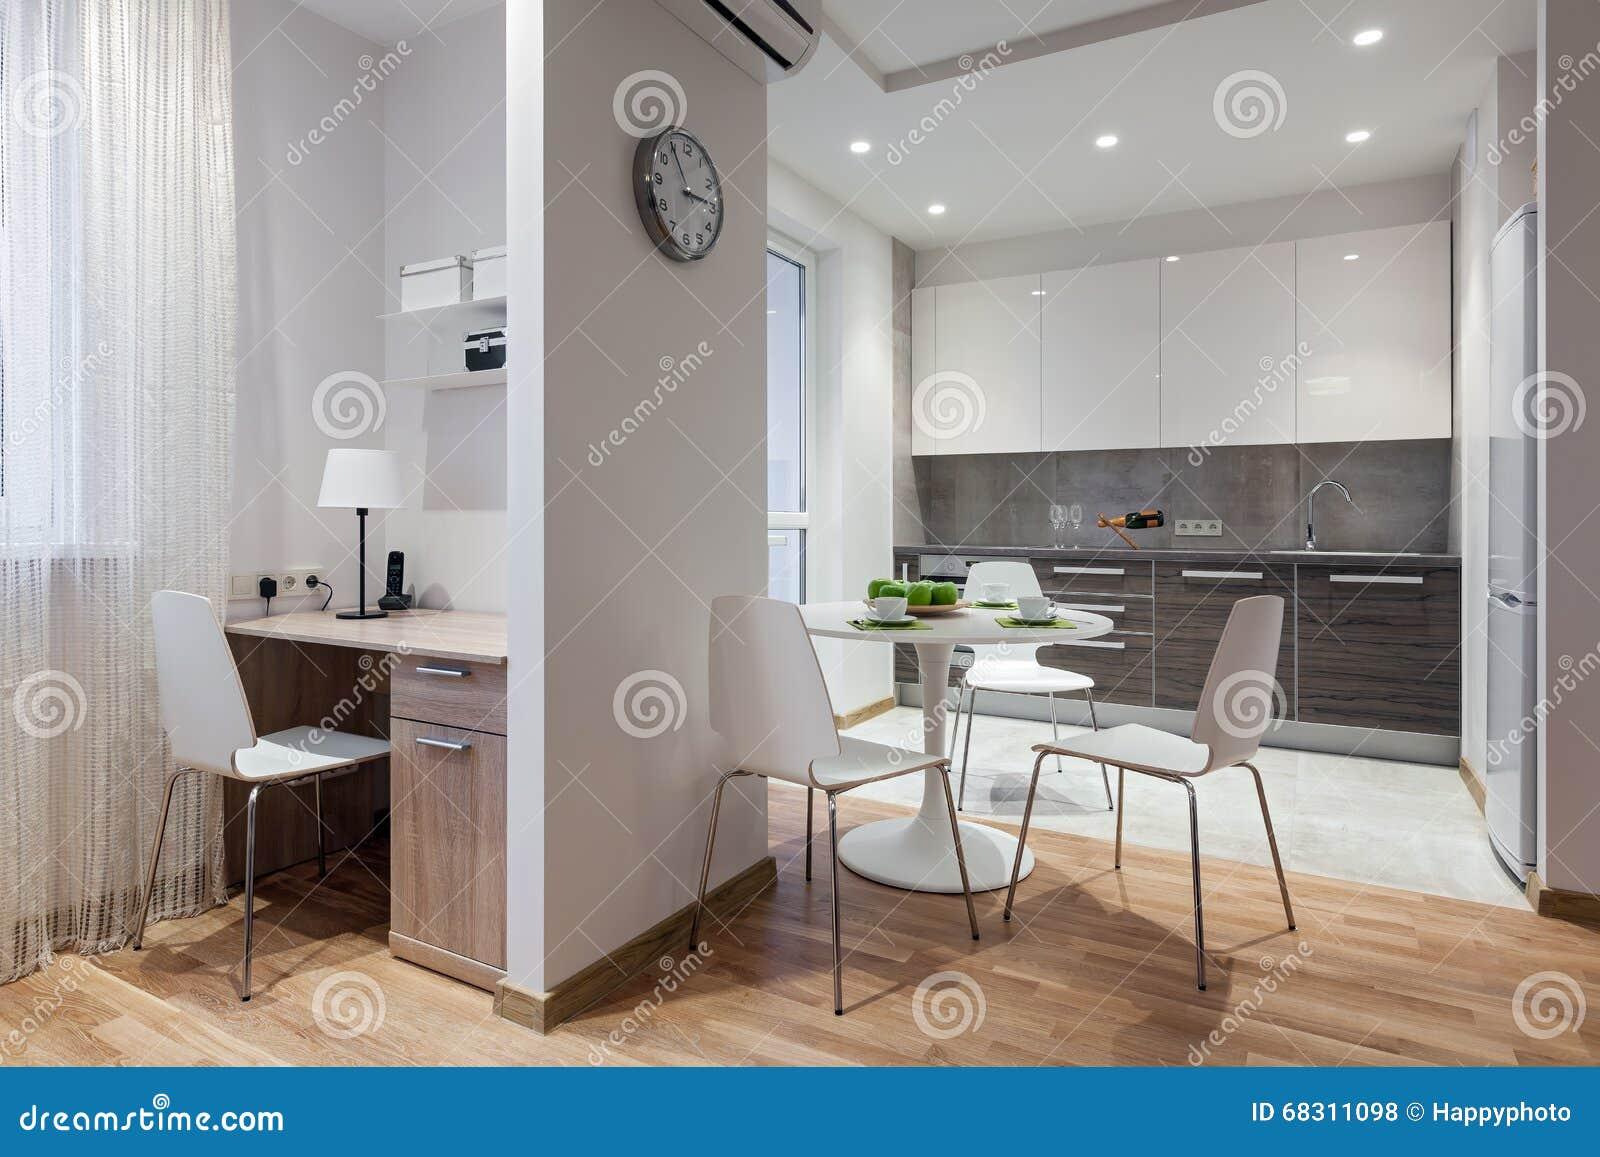 Interno dell 39 appartamento moderno nello stile scandinavo for Interior design moderno